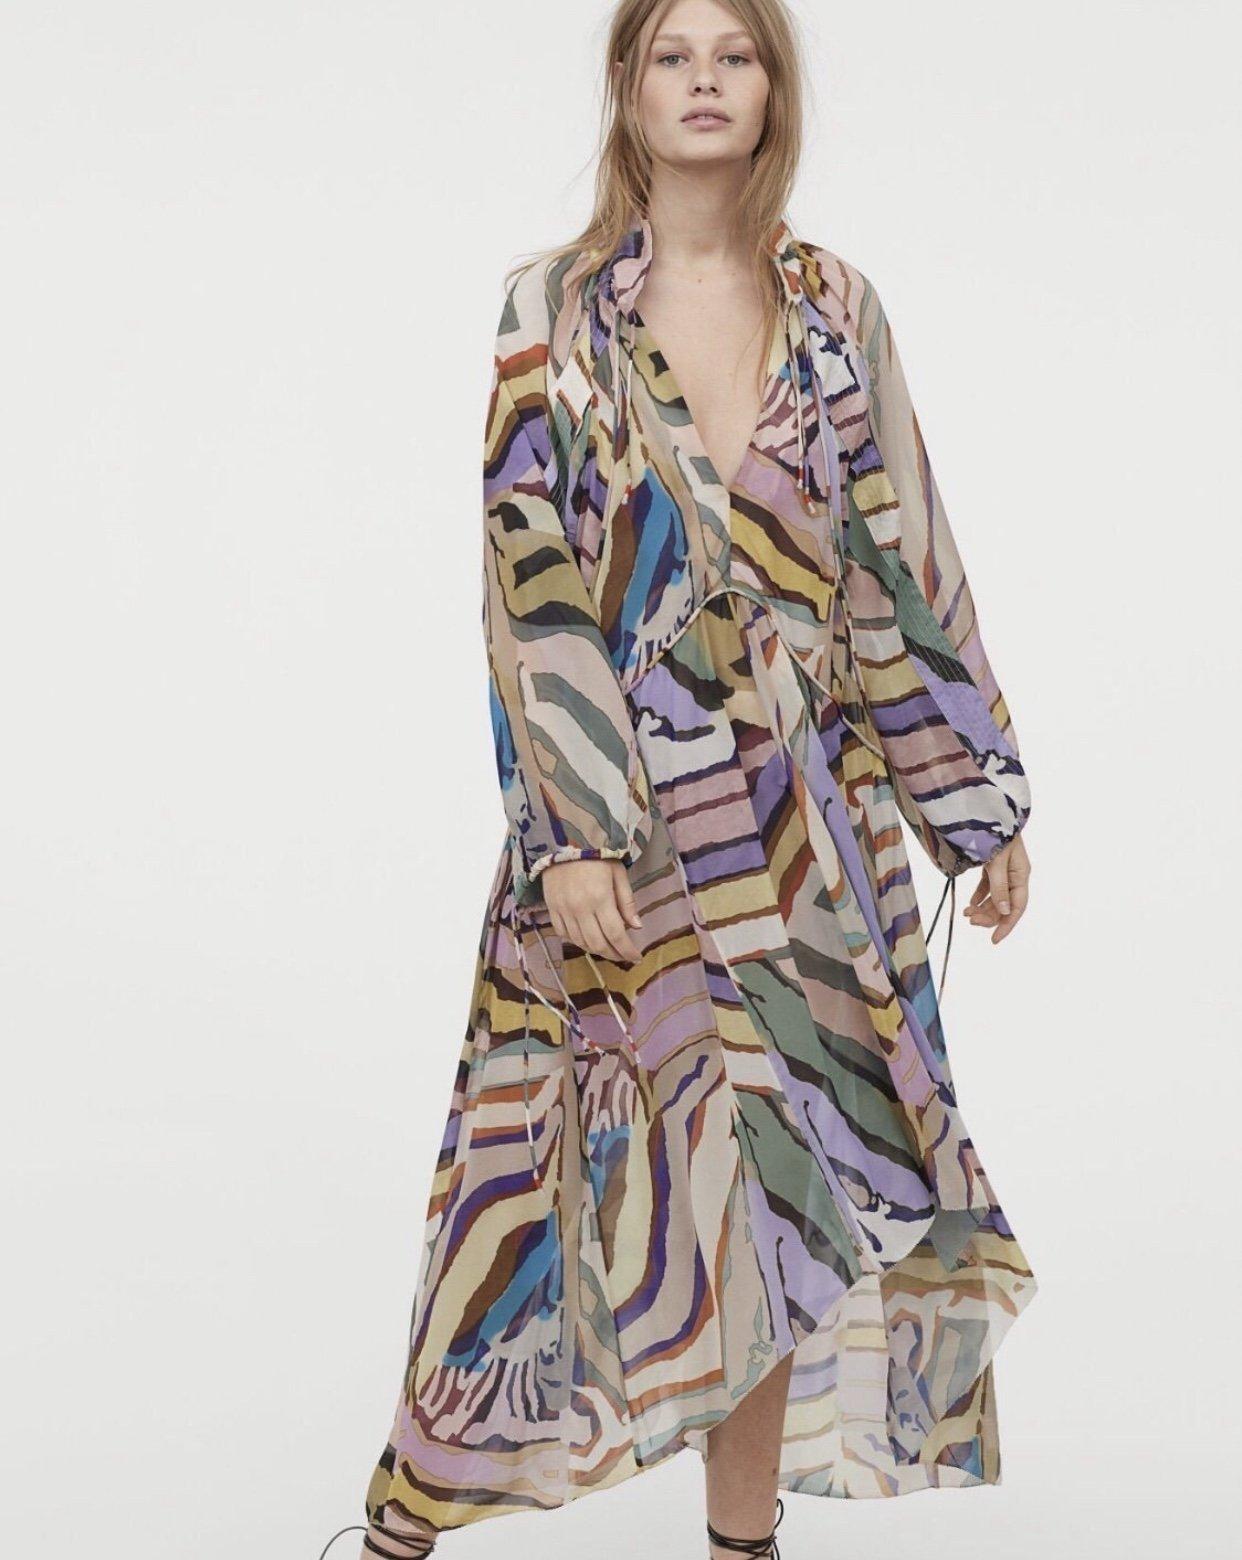 2db2c7ab7752 Hm Studio klänning (351806567) ᐈ Köp på Tradera